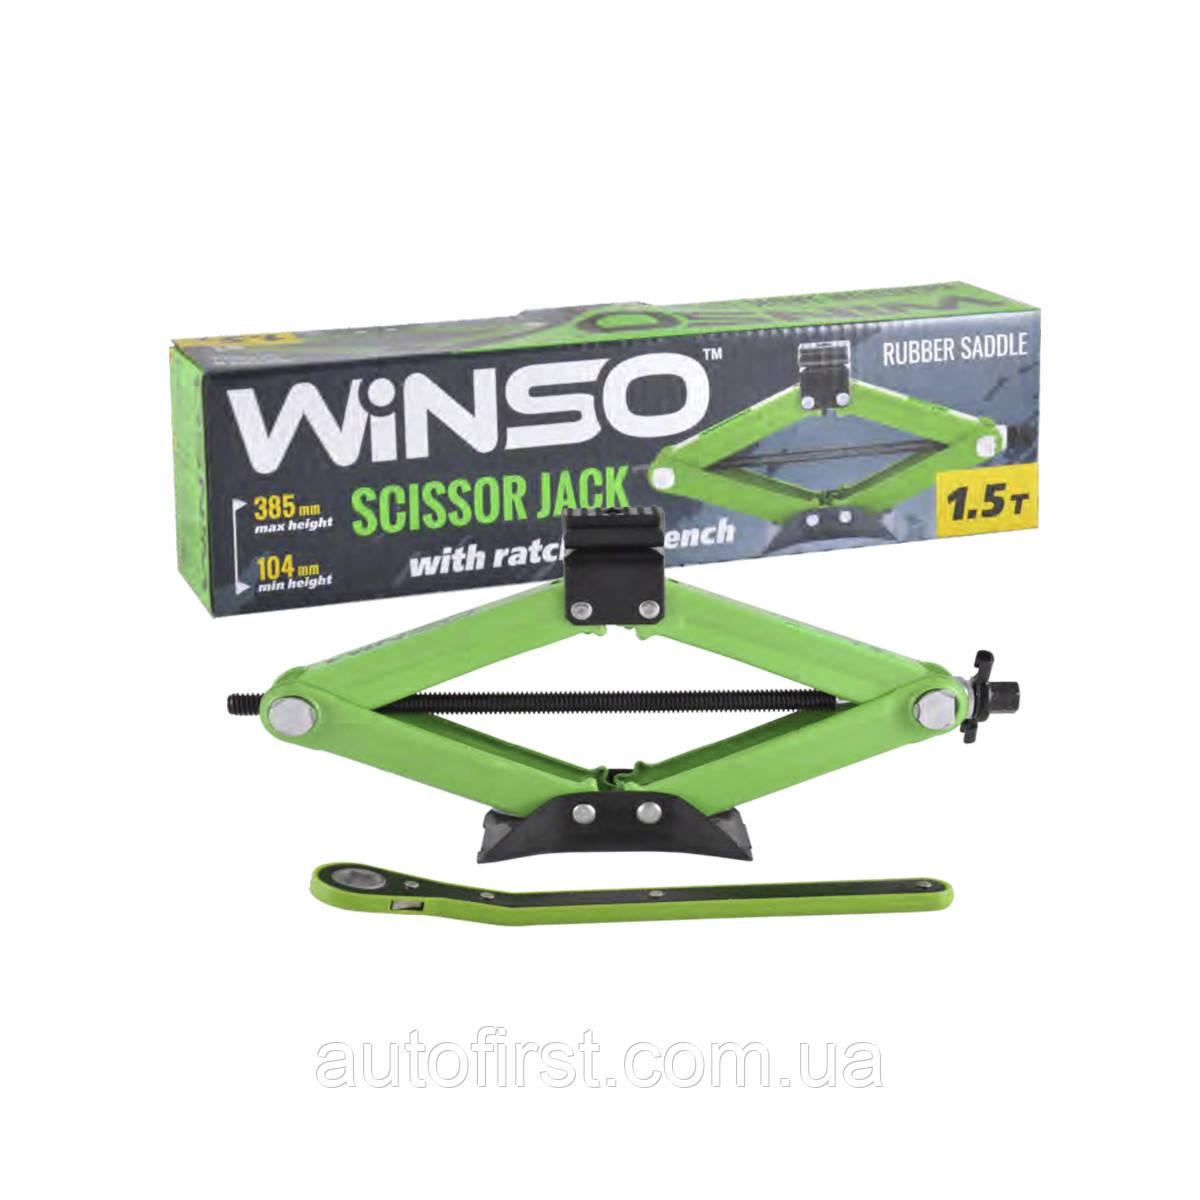 WINSO Домкрат ромбовий 1,5т.резин. подушка с трещеткой